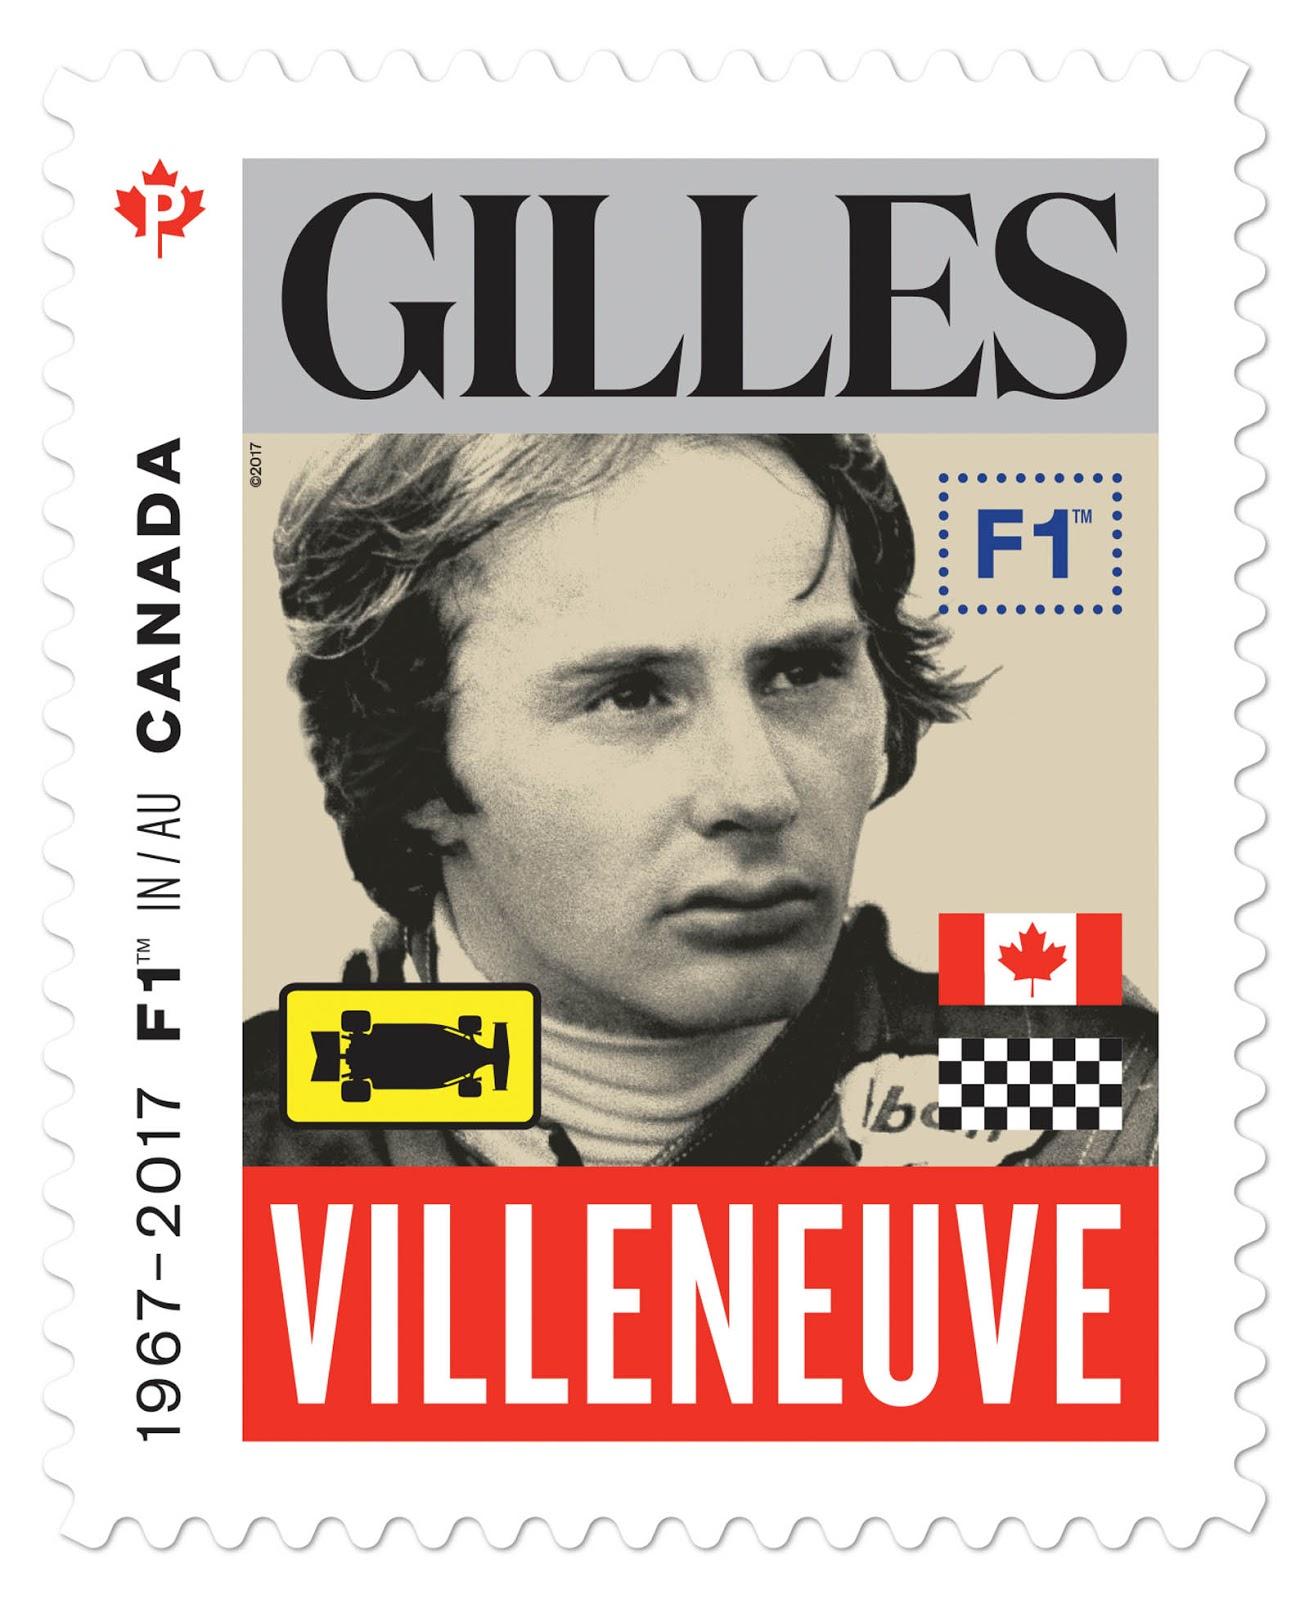 Canadá plasma a cinco pilotos de la F1 en sus sellos postales